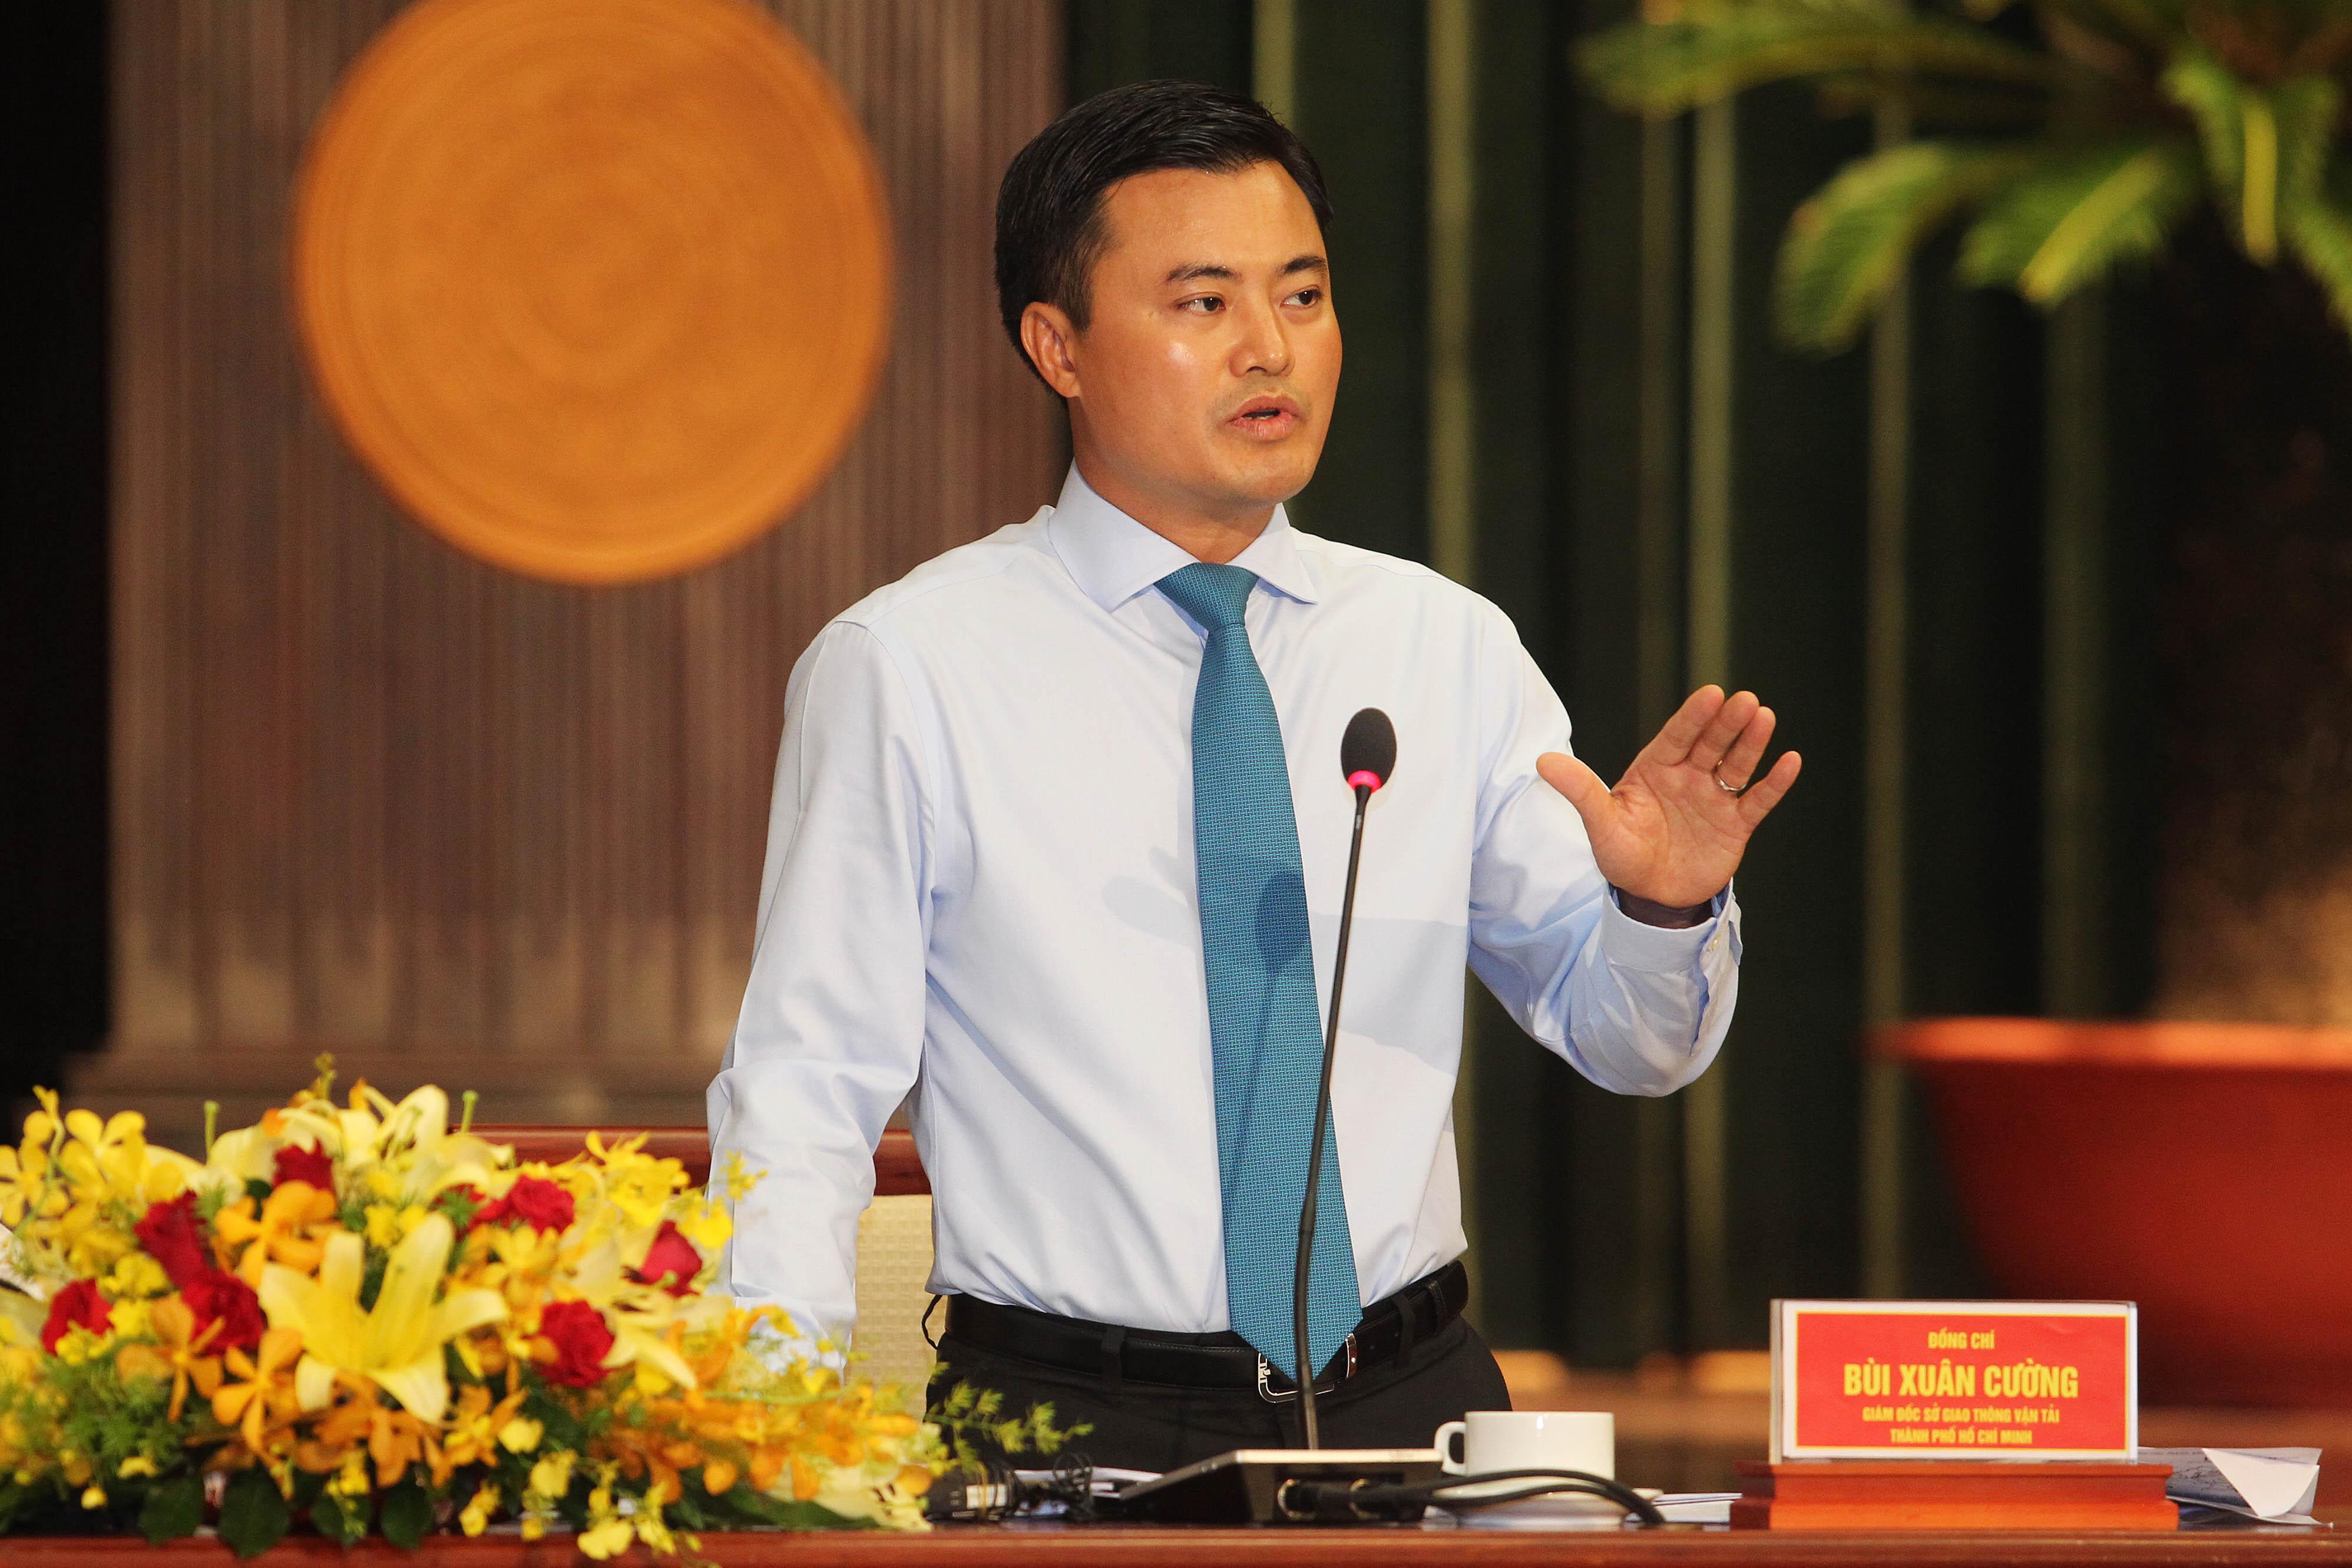 Giám đốc Sở GTVT TP Bùi Xuân Cường trả lời chất vấn ĐB